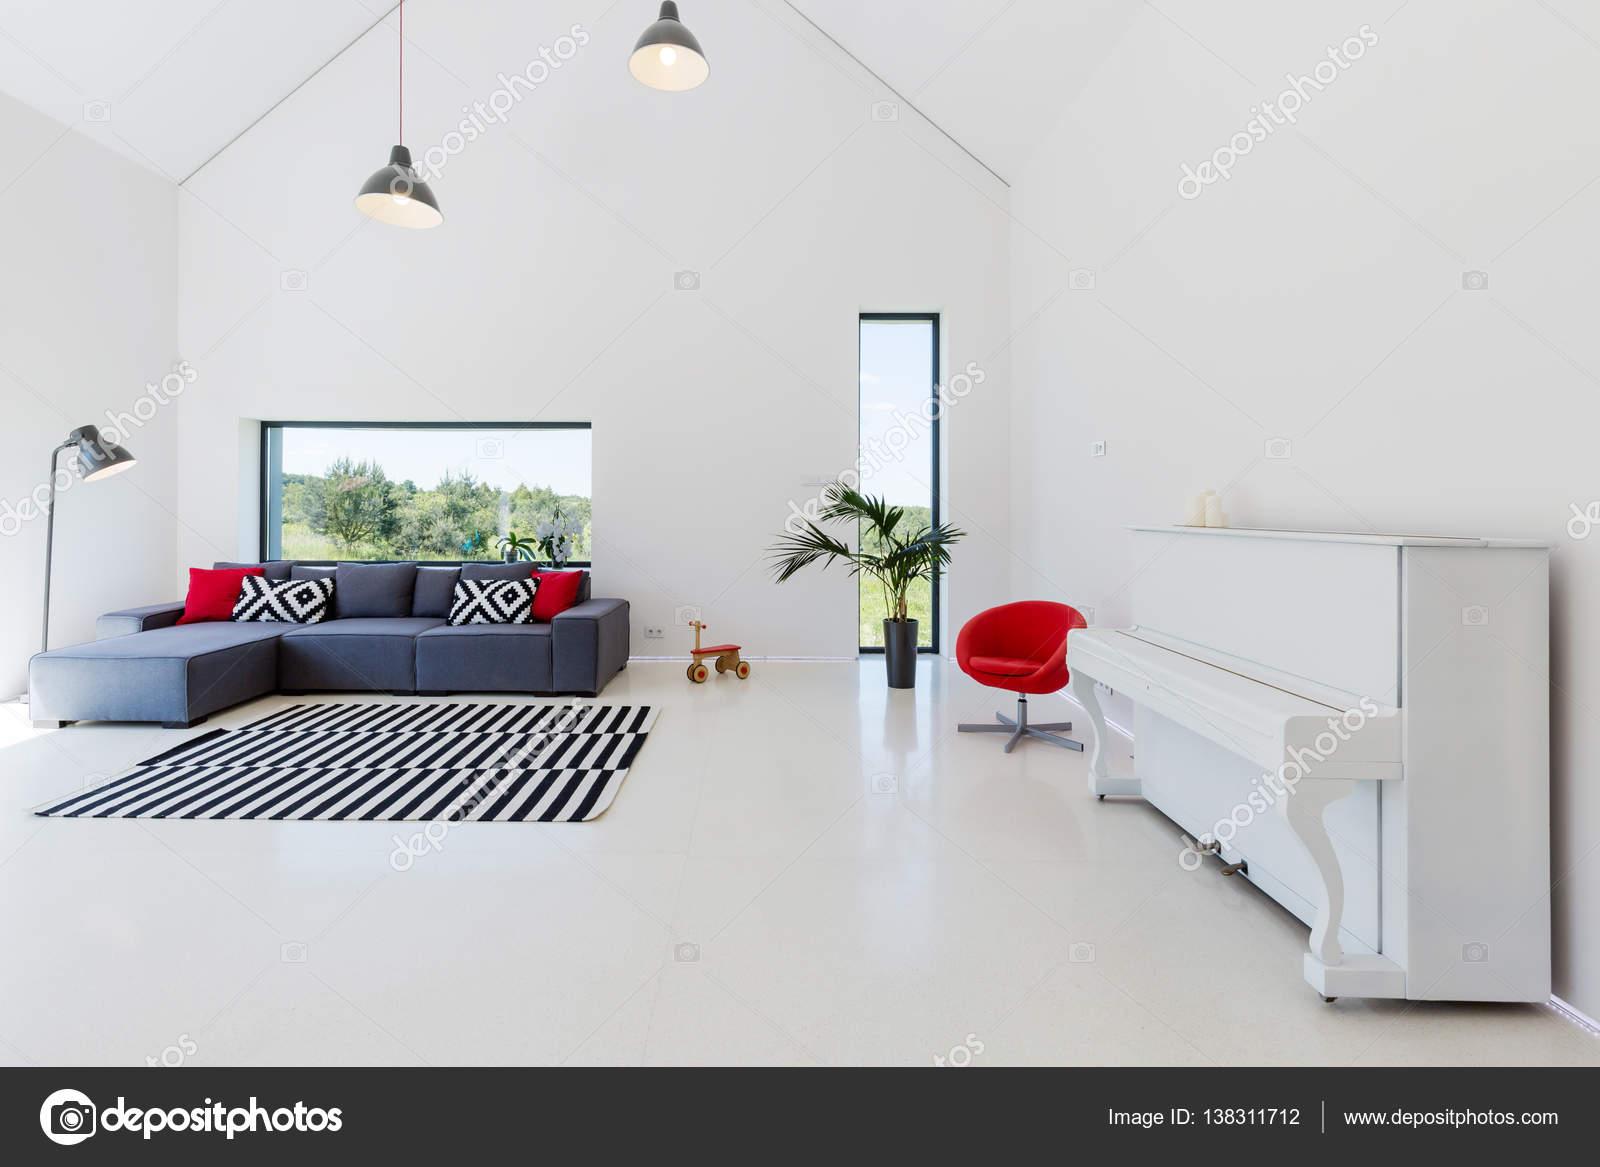 Grand Salon Ouvert Avec Grand Canapé, Tapis Motif, Piano Blanc Et Lampes De Style  Industriel U2014 Image De ...